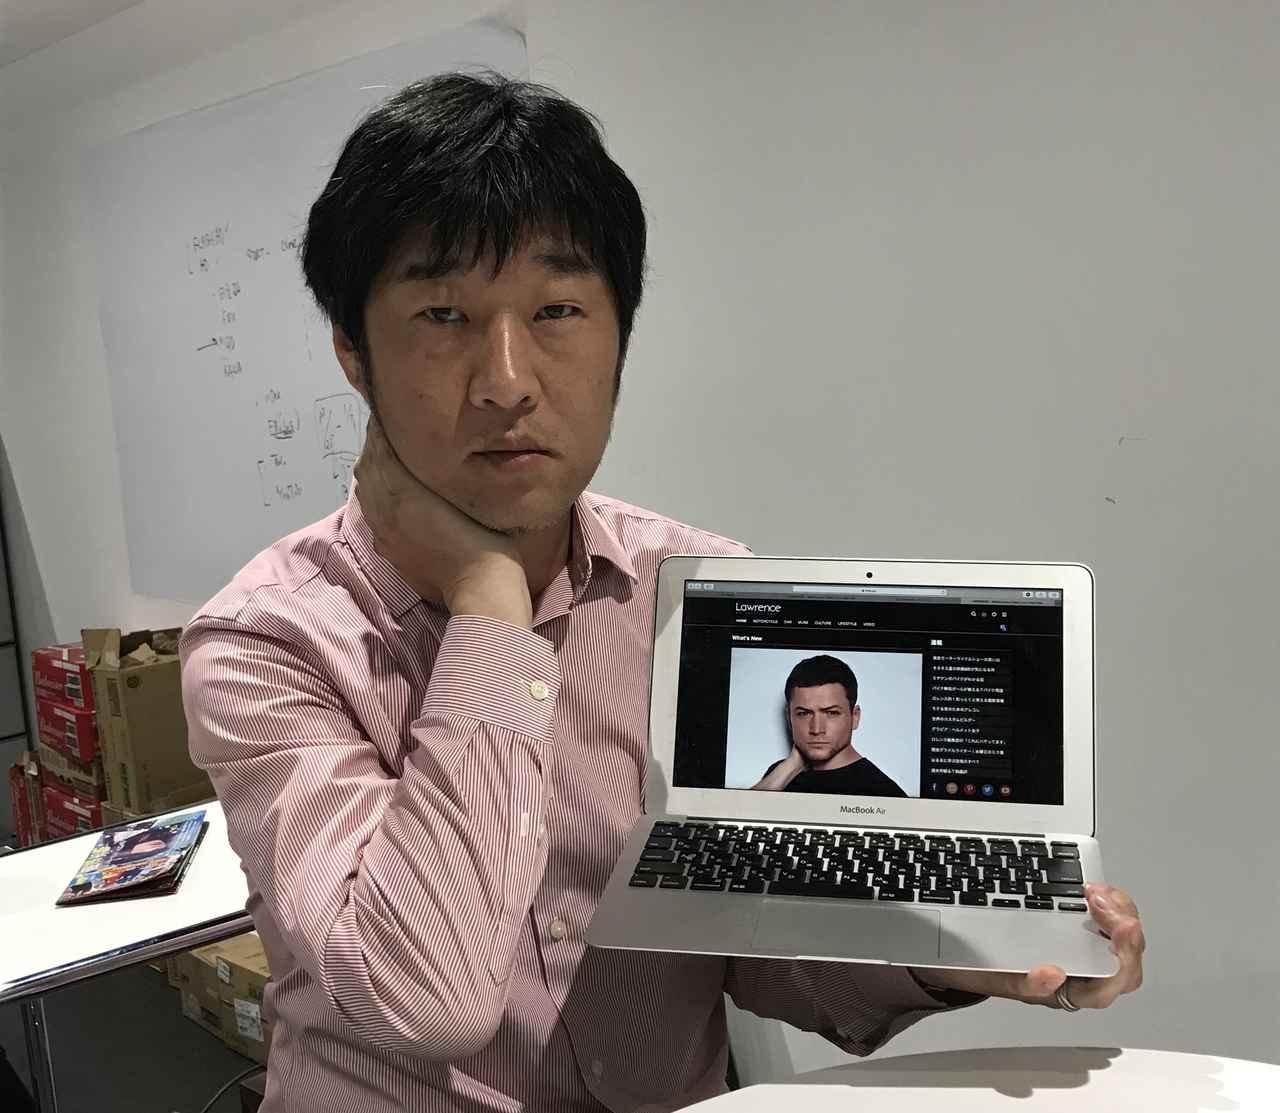 画像: 宮崎健太郎氏: バイク、クルマはもちろん、機内誌やファッション雑誌など、幅広く活躍するフリーライター。困ったときに質問すると大抵のことは教えてくれる、歩くWikipedia。